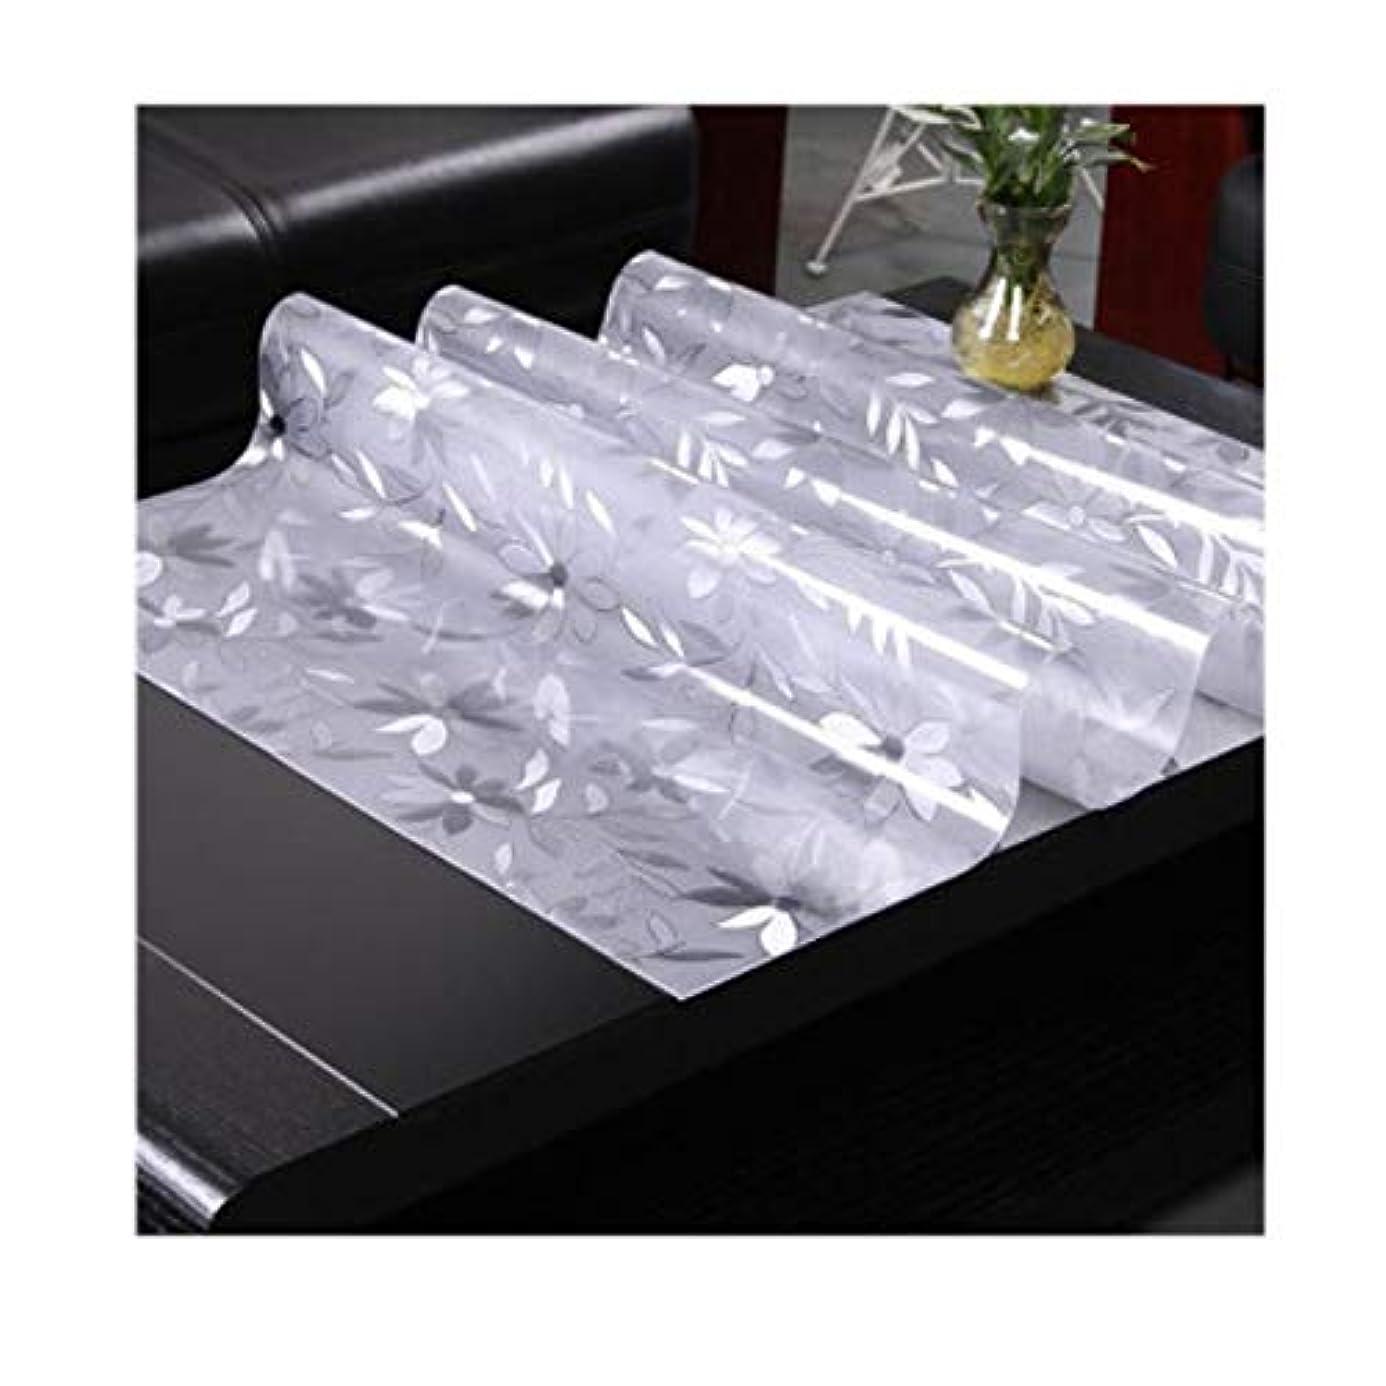 展示会保存する罹患率CHENTAOCS フロスト表マット、PVCテーブルクロス、防水、防油、80 * 130センチメートルコーヒーテーブルマット、柔らかいプラスチックマット、水晶板テーブルクロス、 シンプルで実用的なガジェット (Color : White, Size : 80*130cm)